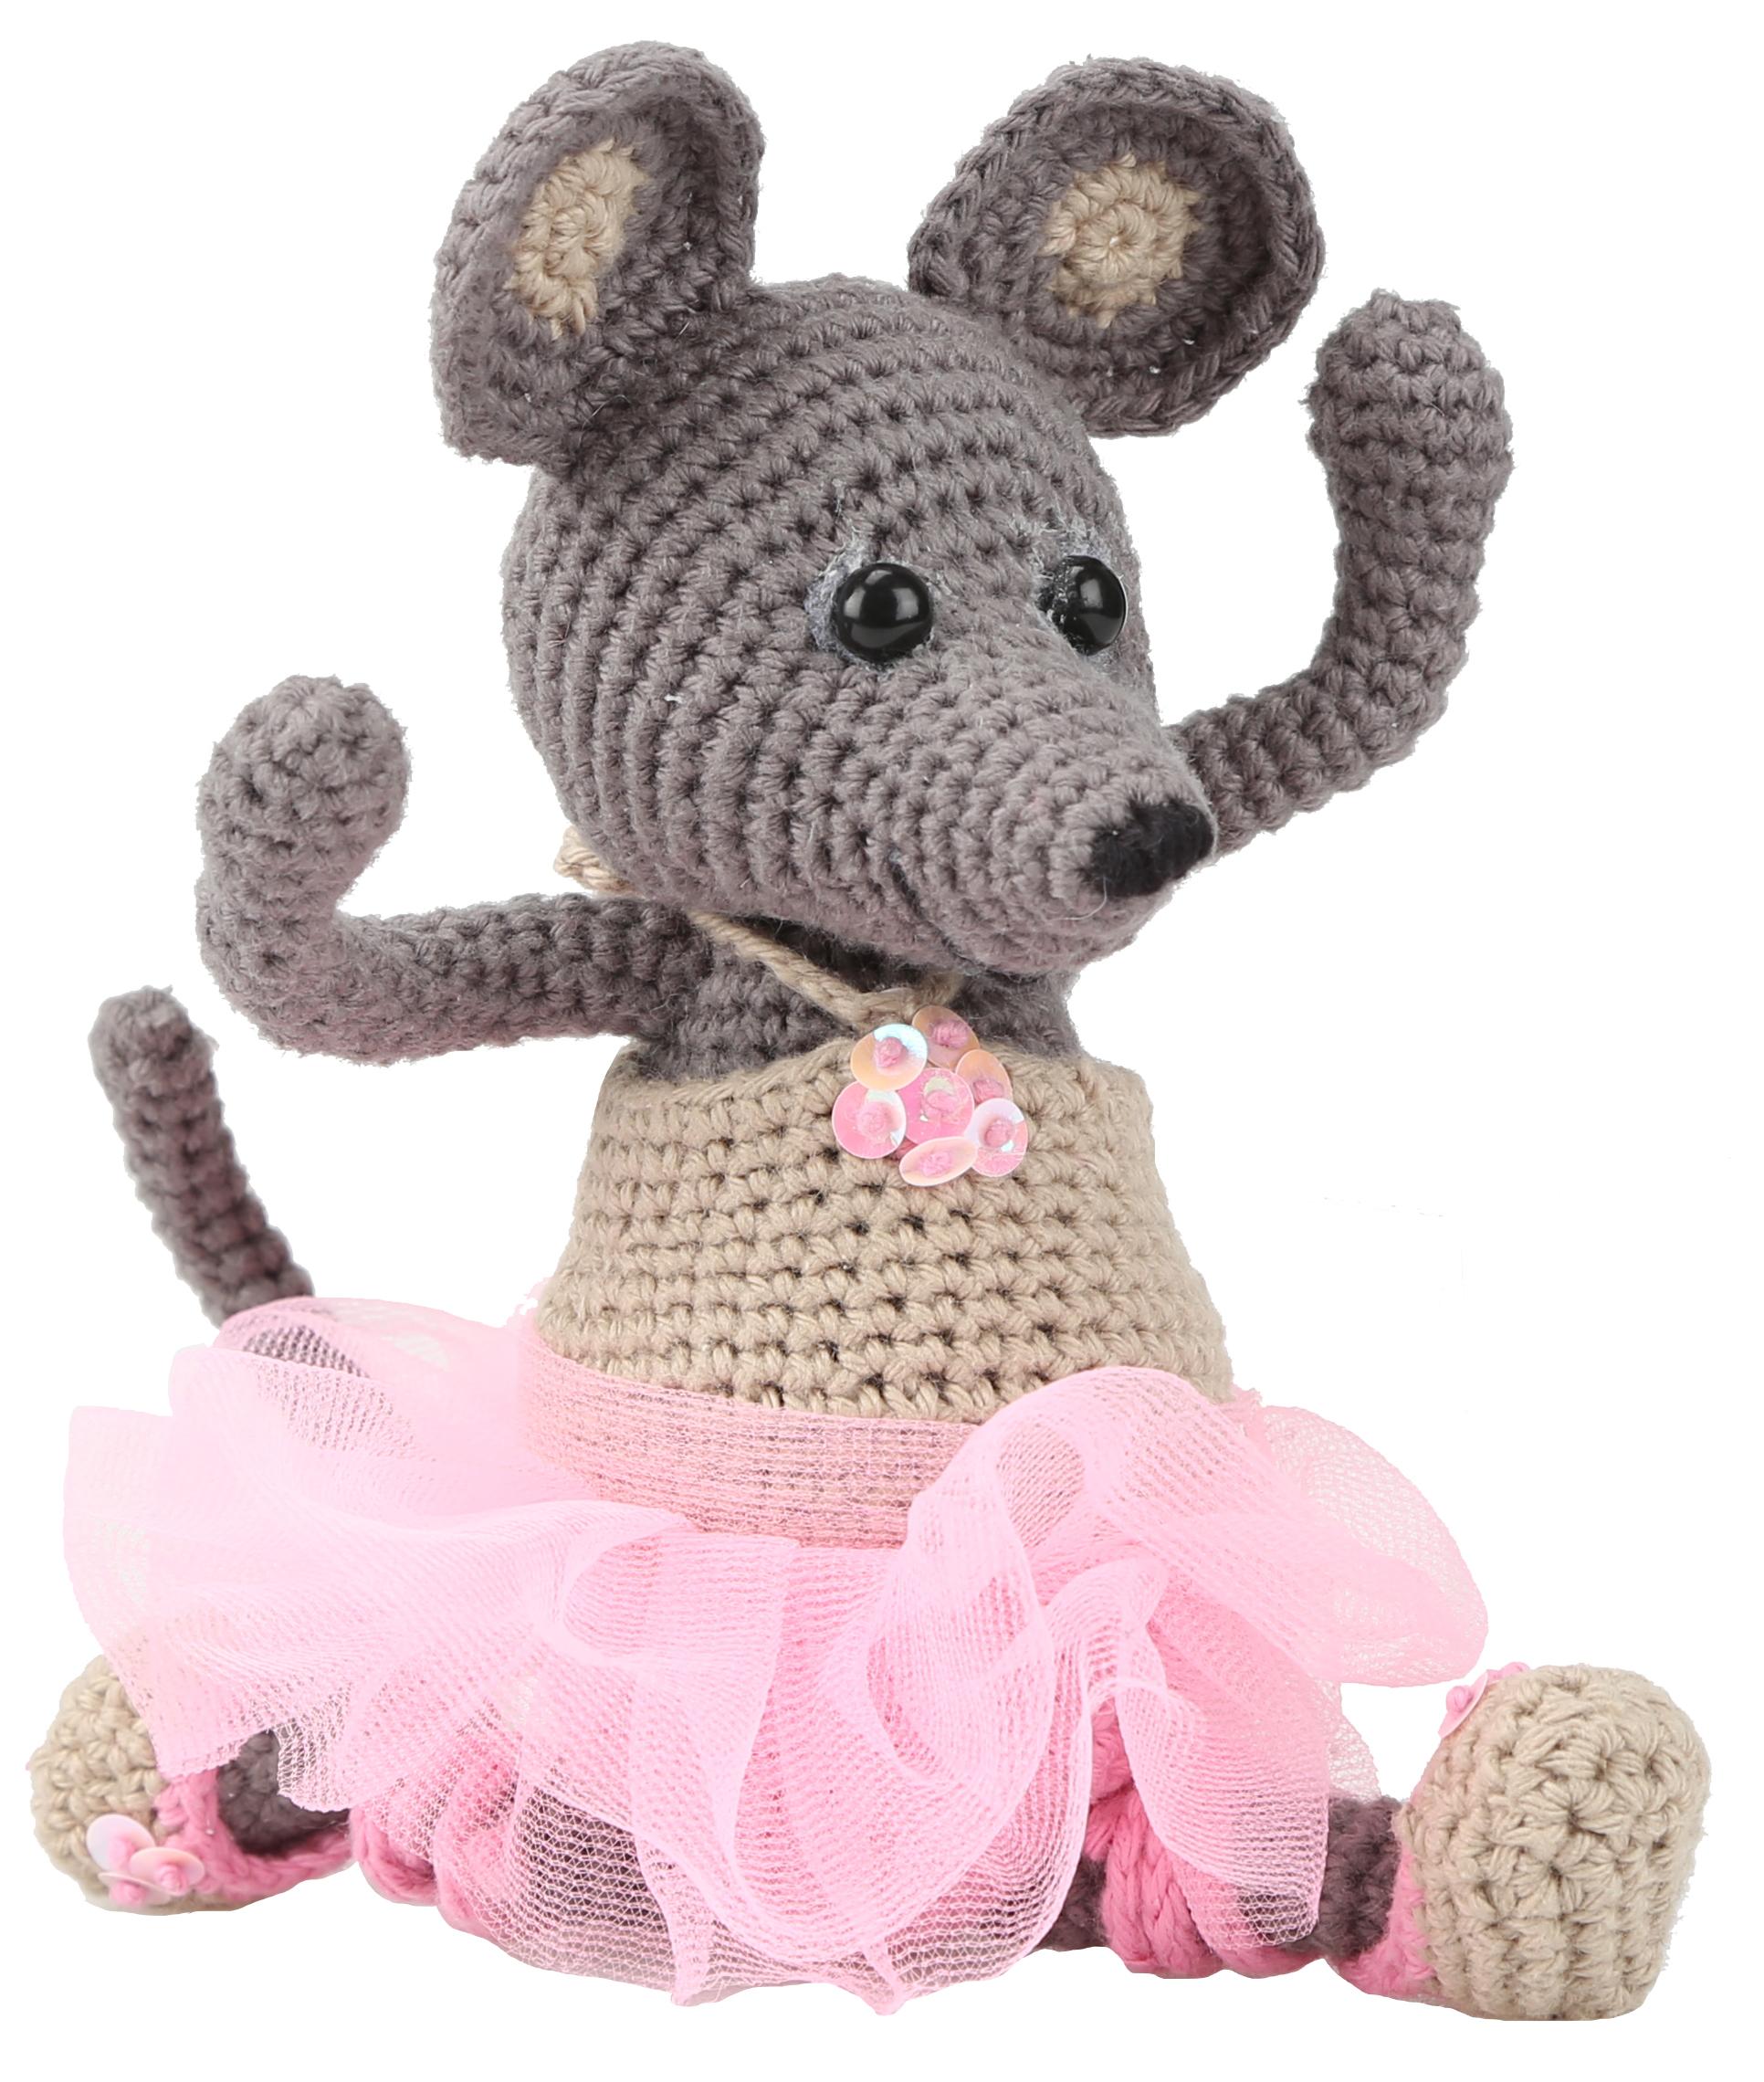 Adorable Amigurumi Mice | 2280x1932